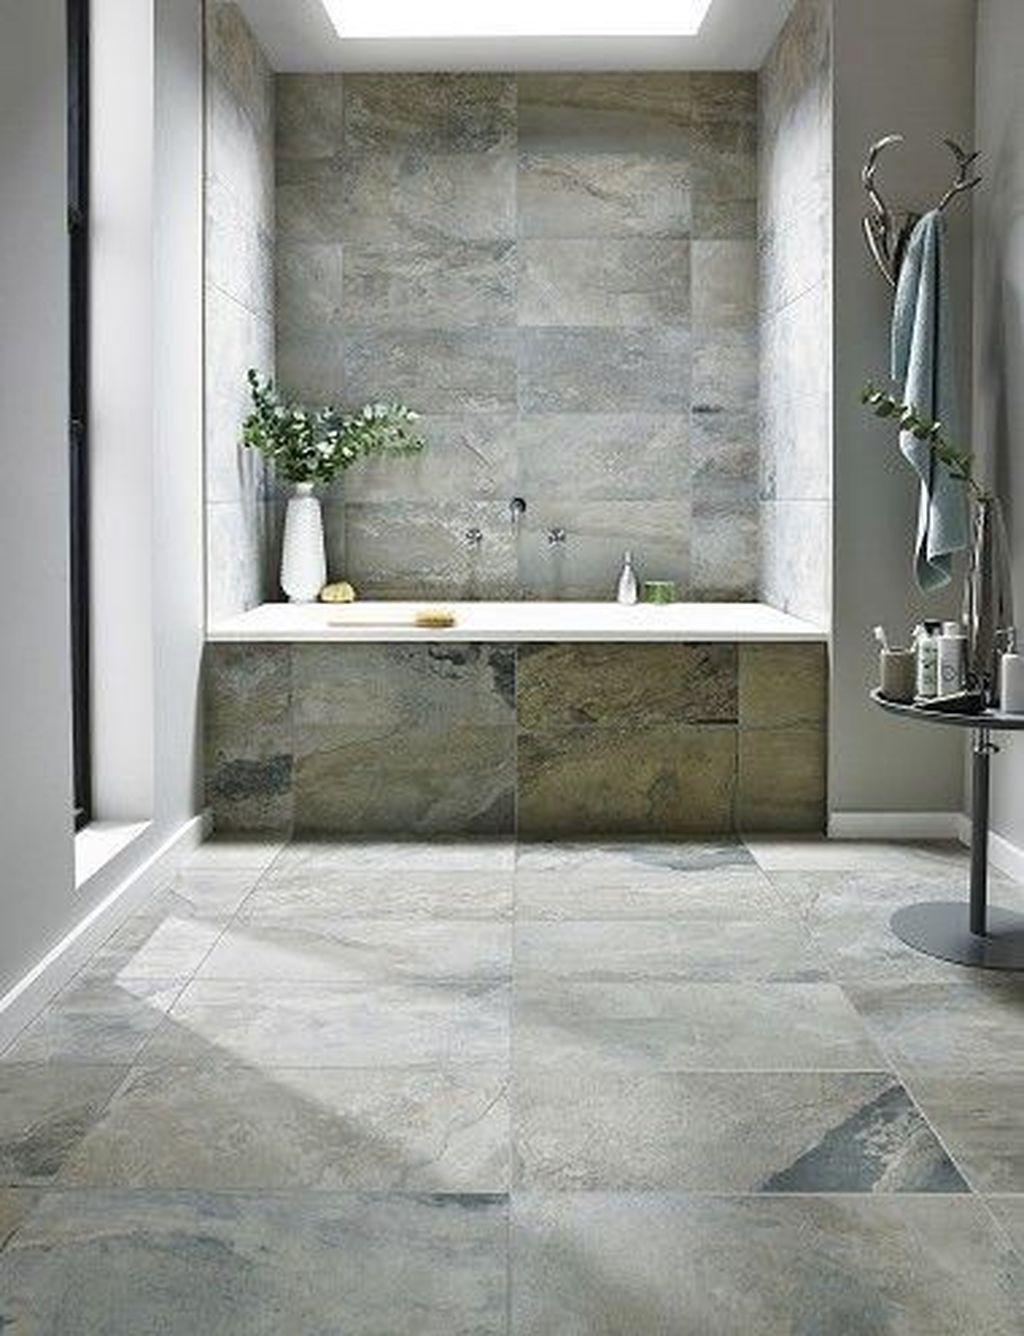 Ceramic Tiles For Bathroom Ideas, Tile Floor Bathroom